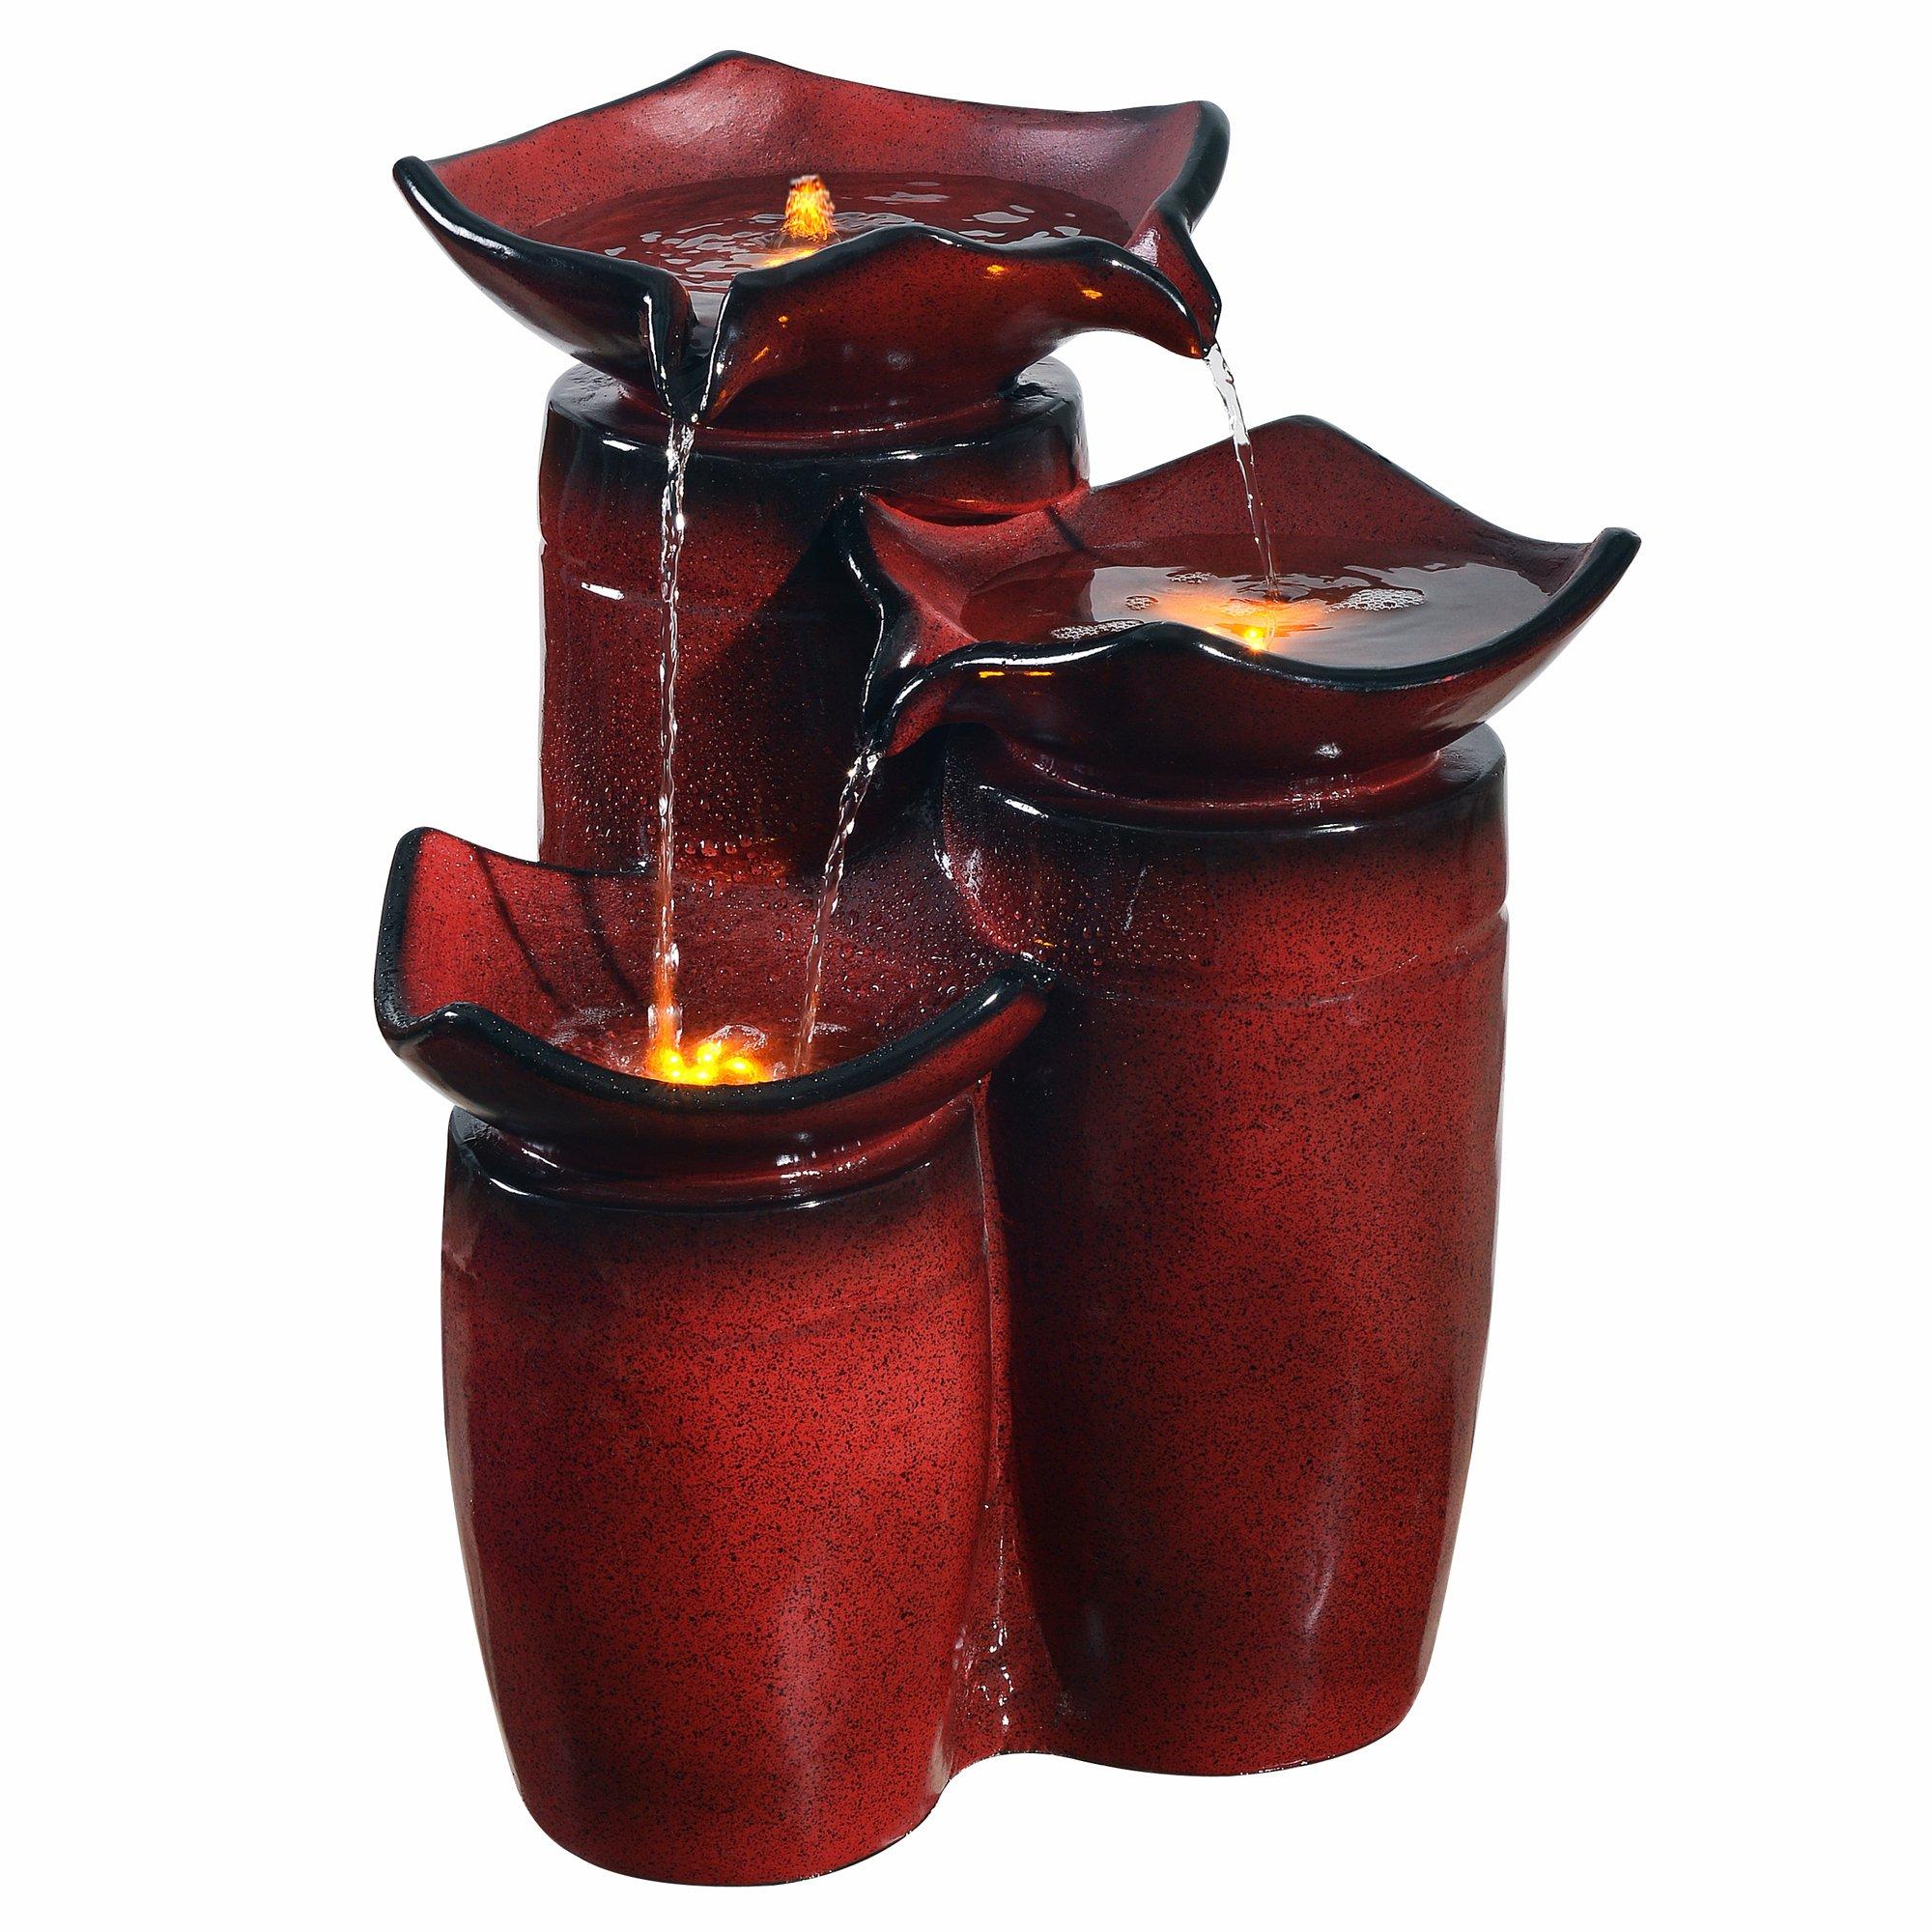 Peaktop Outdoor 3-Tier Glazed Pots Fountain - Gradient Red